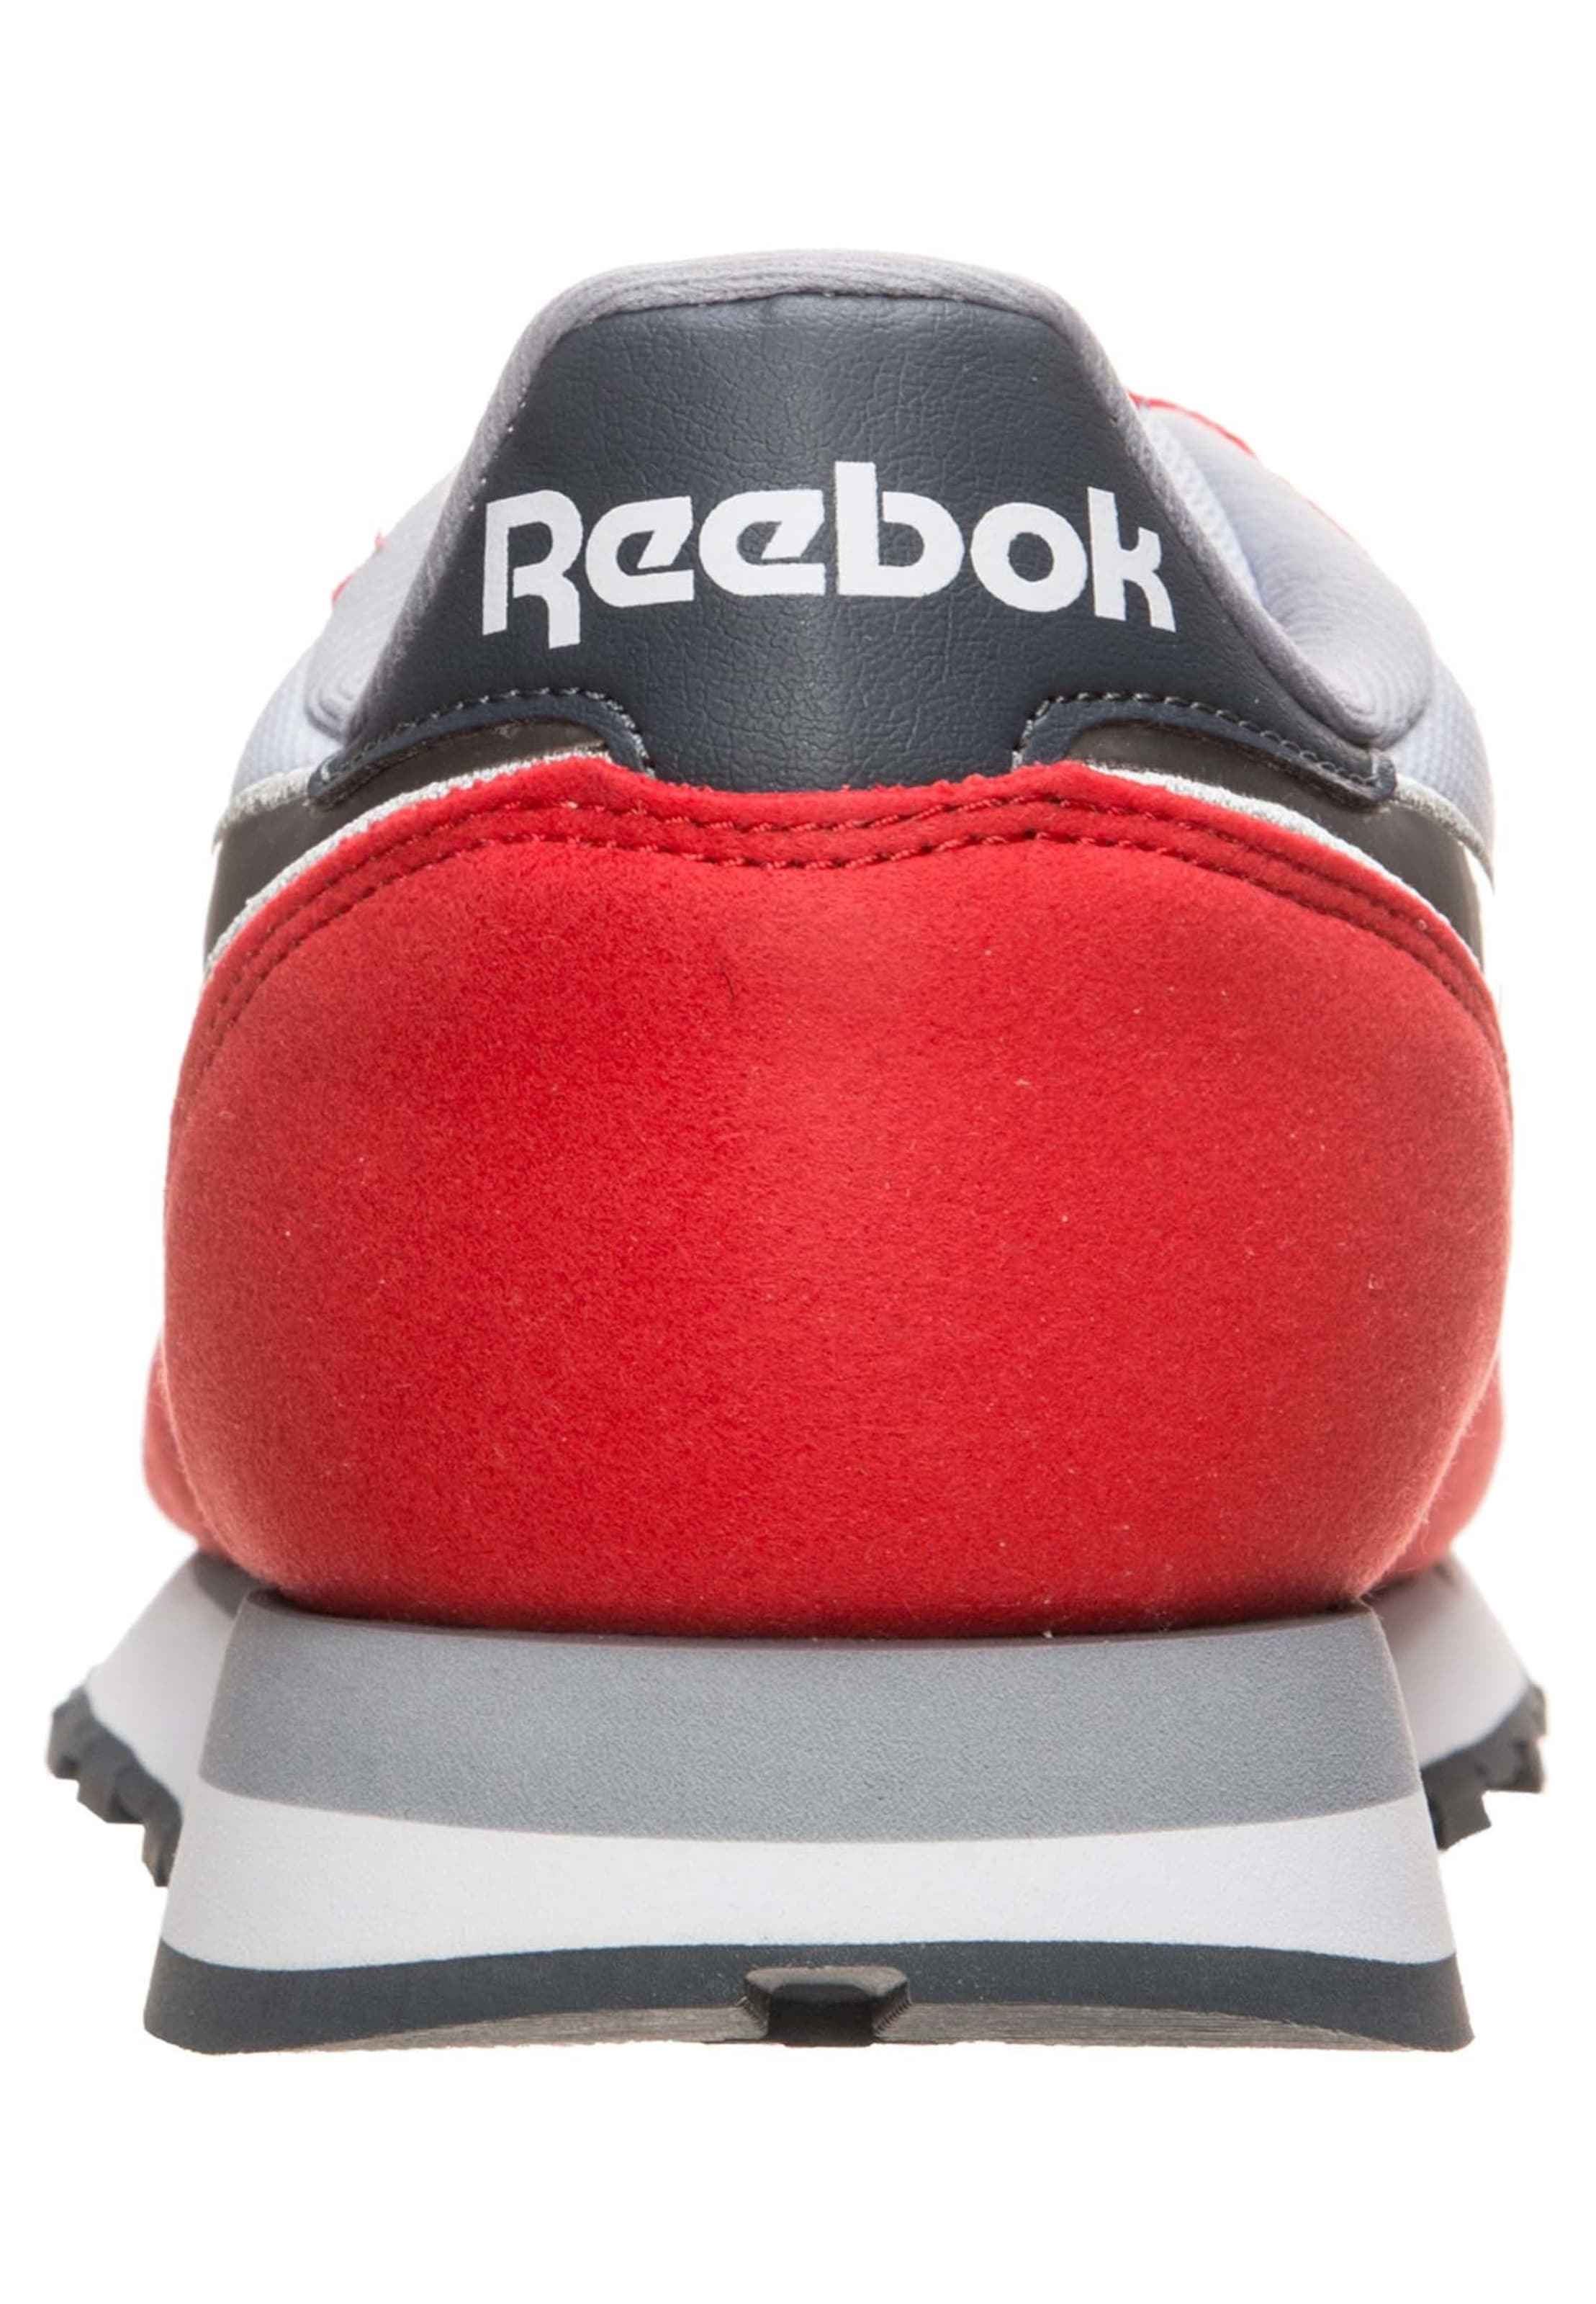 Reebok Classic GrisRouge Blanc Baskets En Basses N8nOPX0wk